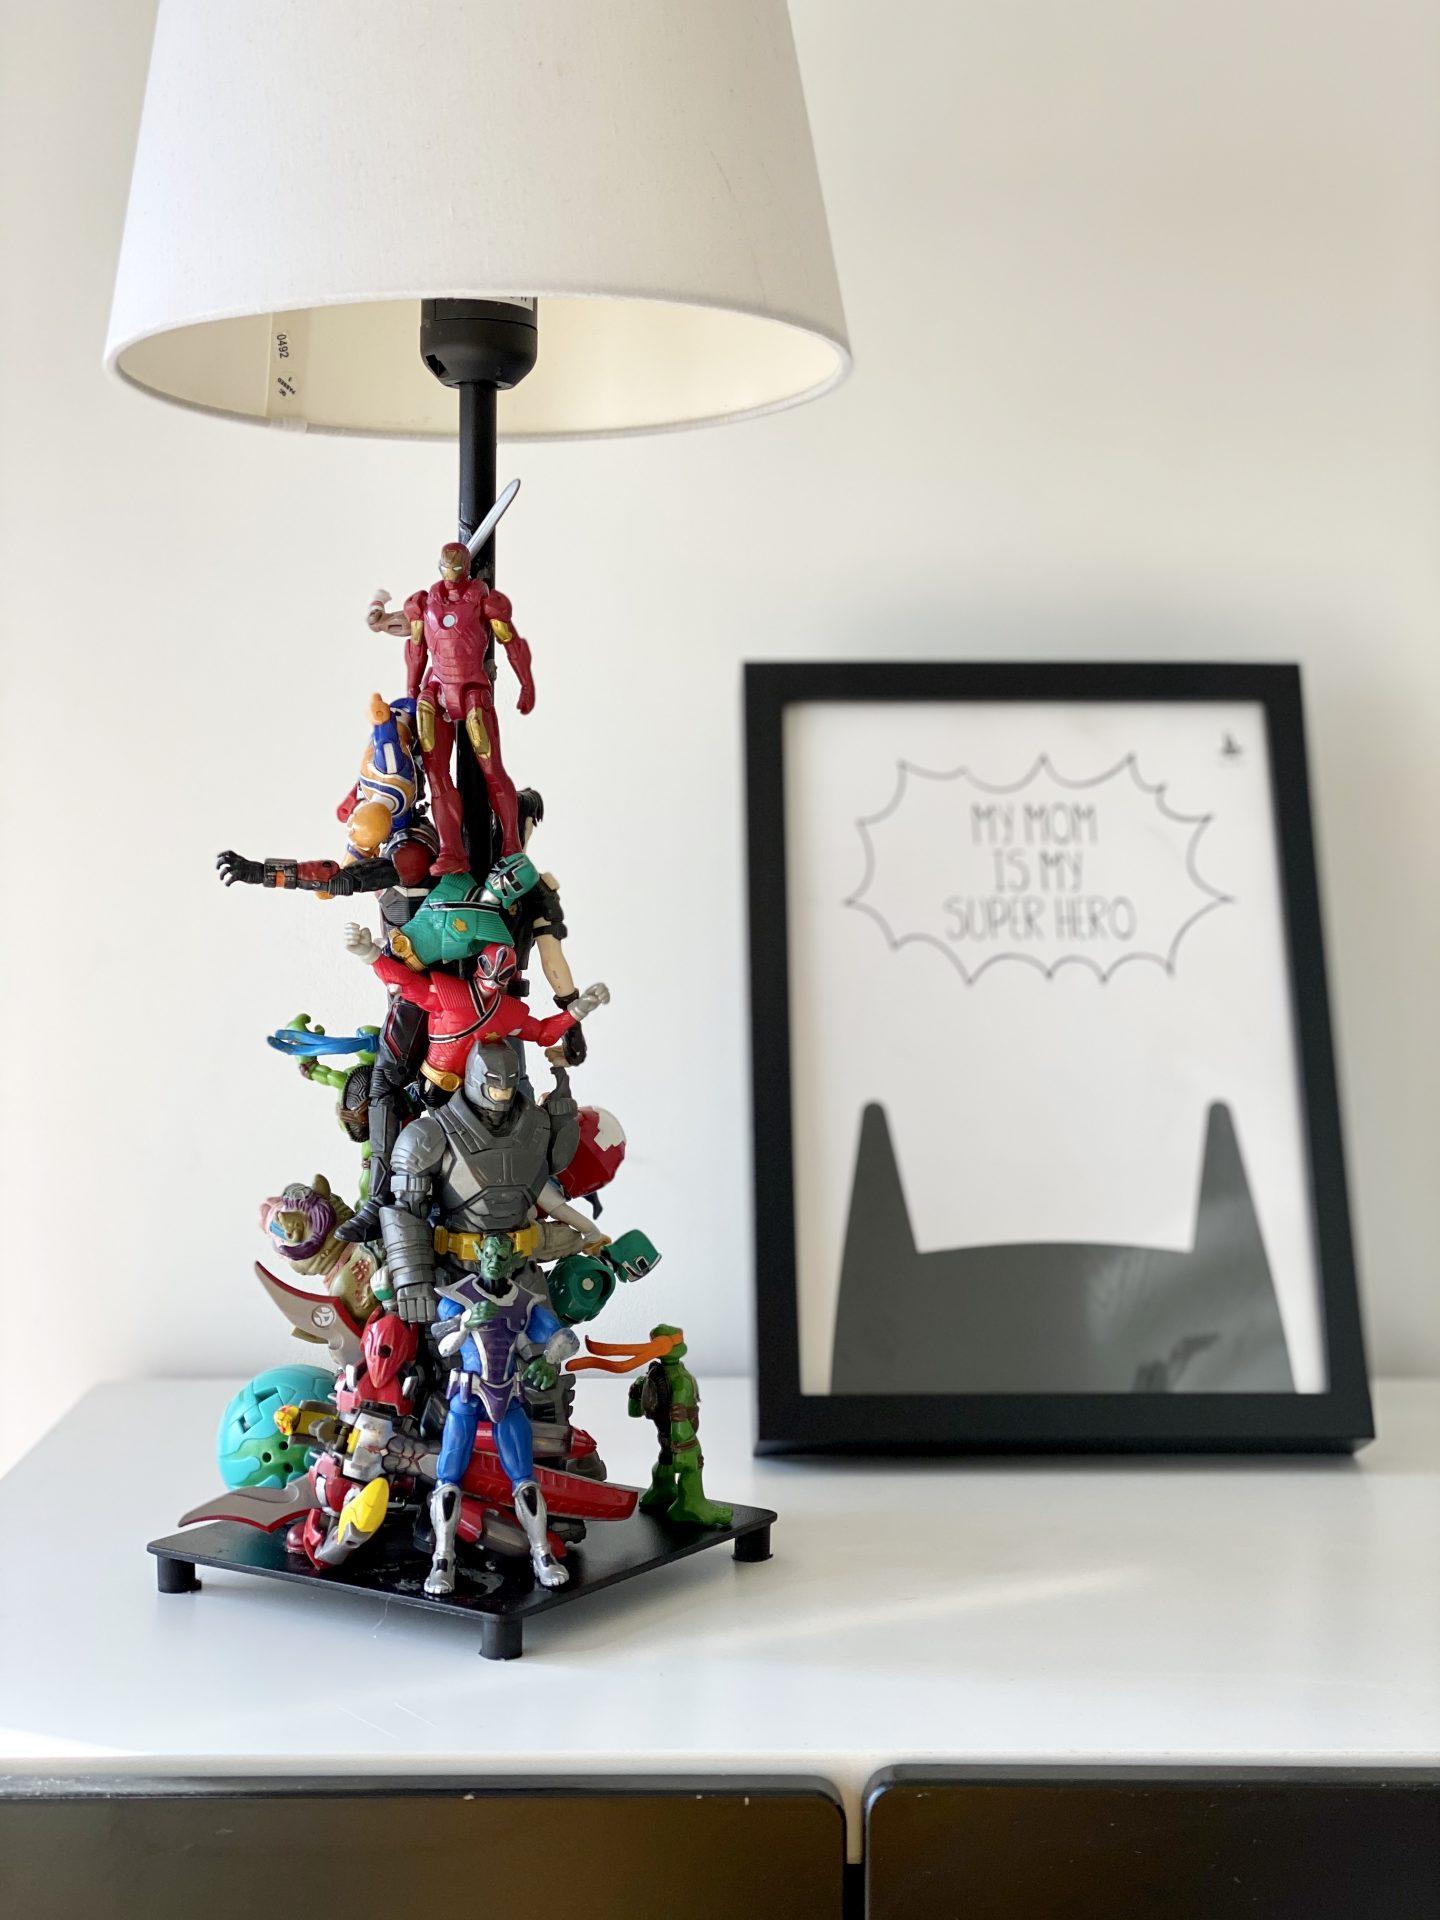 עשה זאת בעצמך מנורת גיבורי על diy superheroes lamp